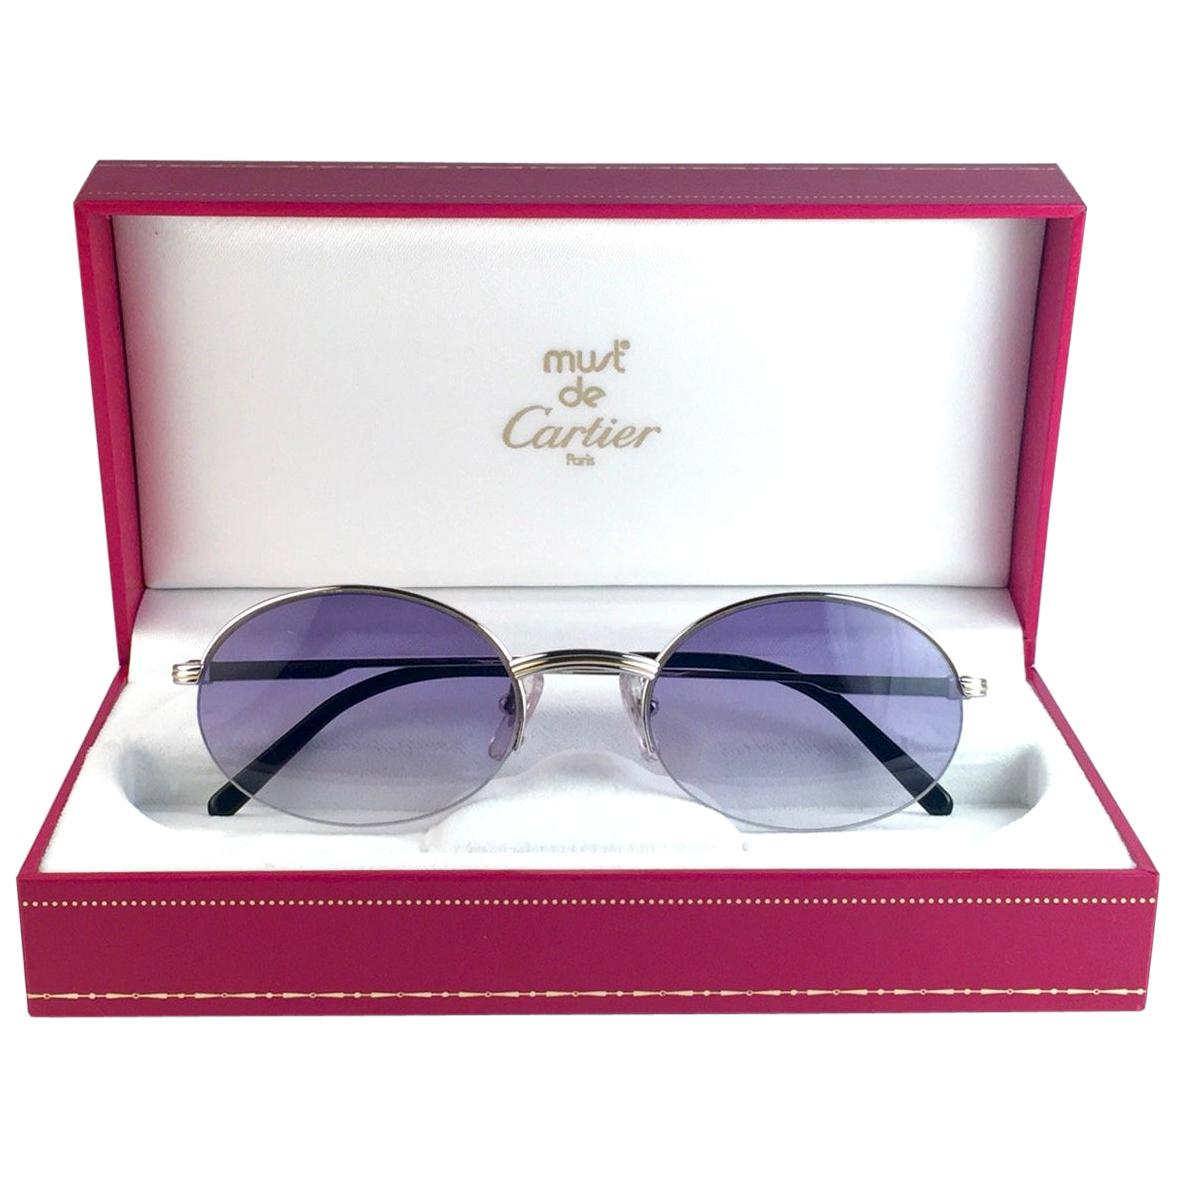 e7f25fa41 Unisex GG0183O-30001749005 50mm Optical Frames - Black - Gucci Sunglasses